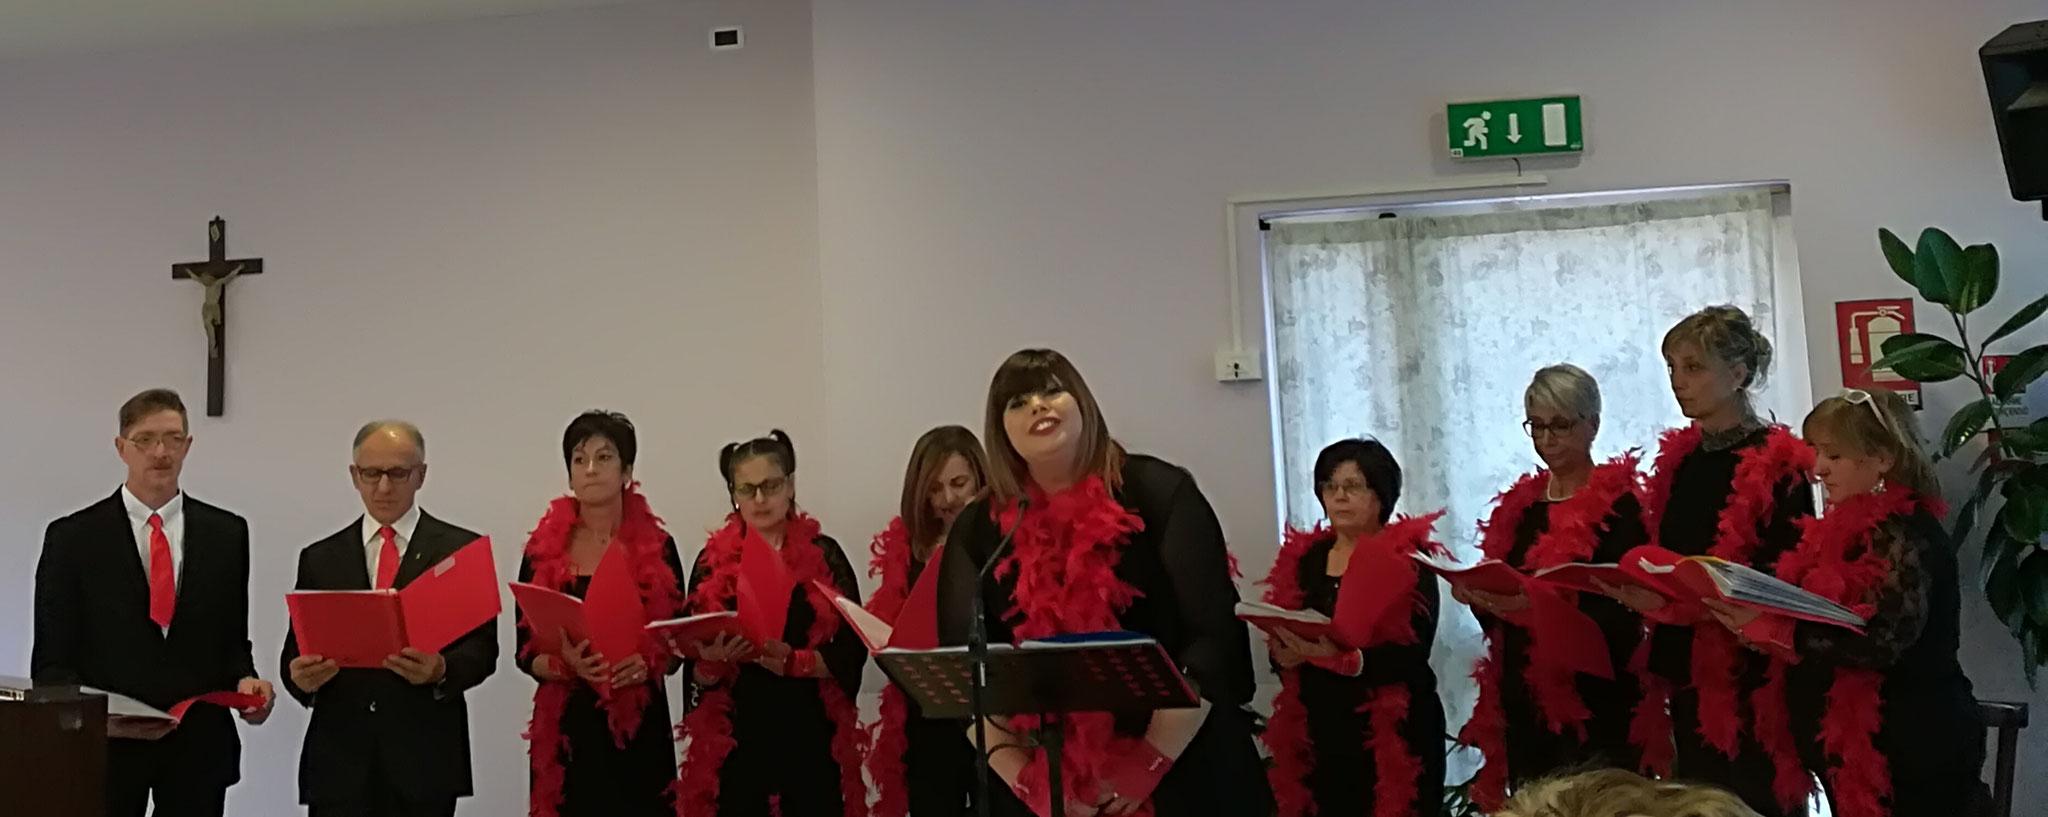 Concerto presso Casa di Riposo San Francesco - Volpiano